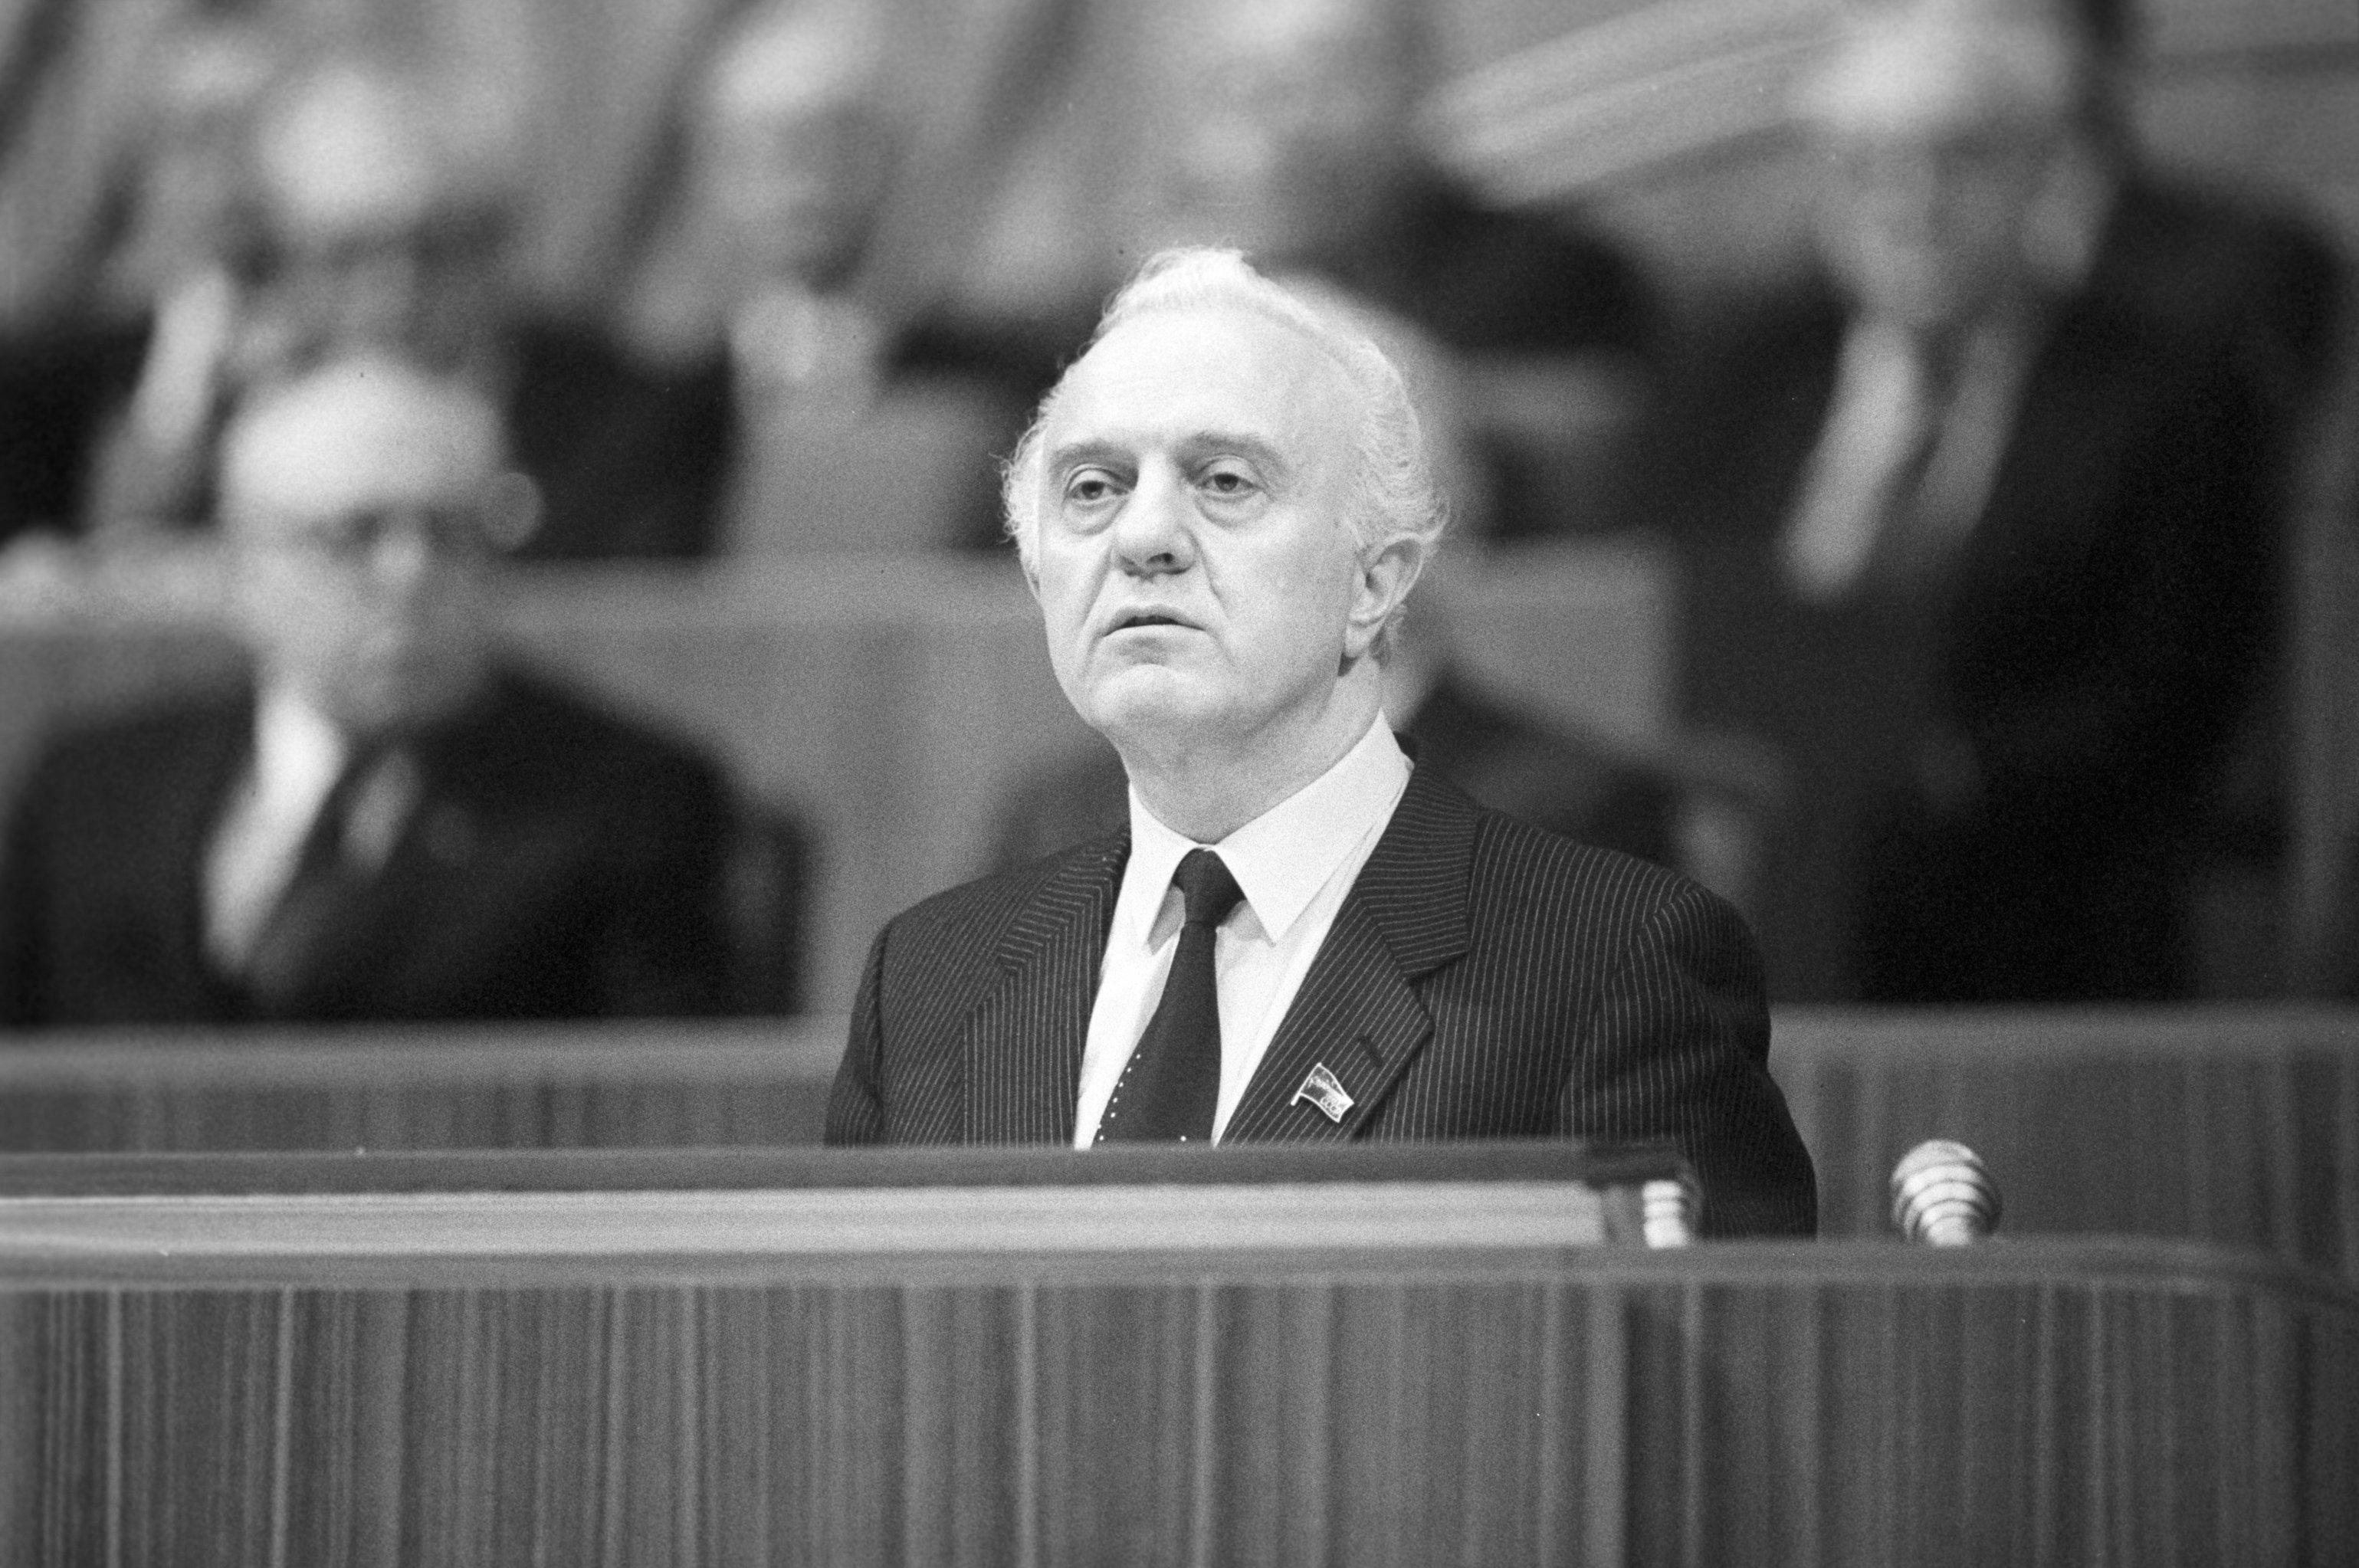 Eduard Shevardnadze (1928 - 2014), ministro degli affari esteri dell'URSS, ministro delle relazioni con l'estero dell'URSS